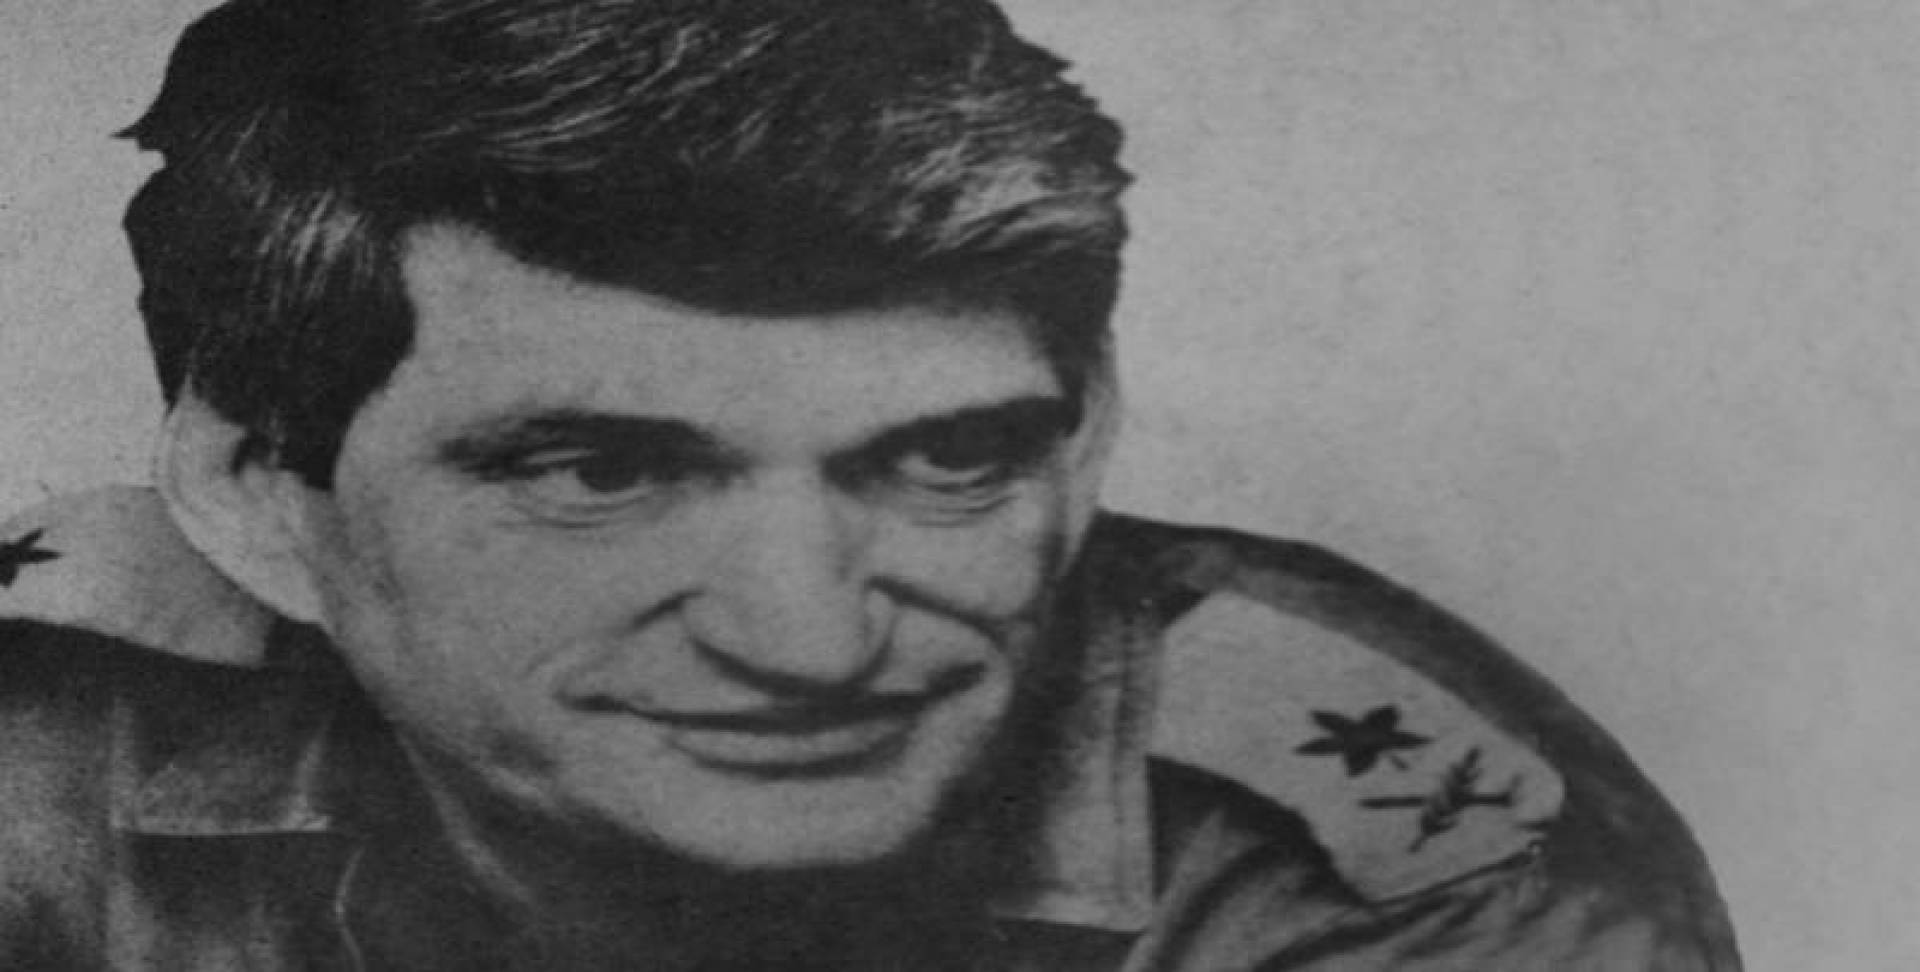 أفيغدور بن جال قائد المنطقة الشمالية في الجيش الإسرائيلي.. أرشيفية